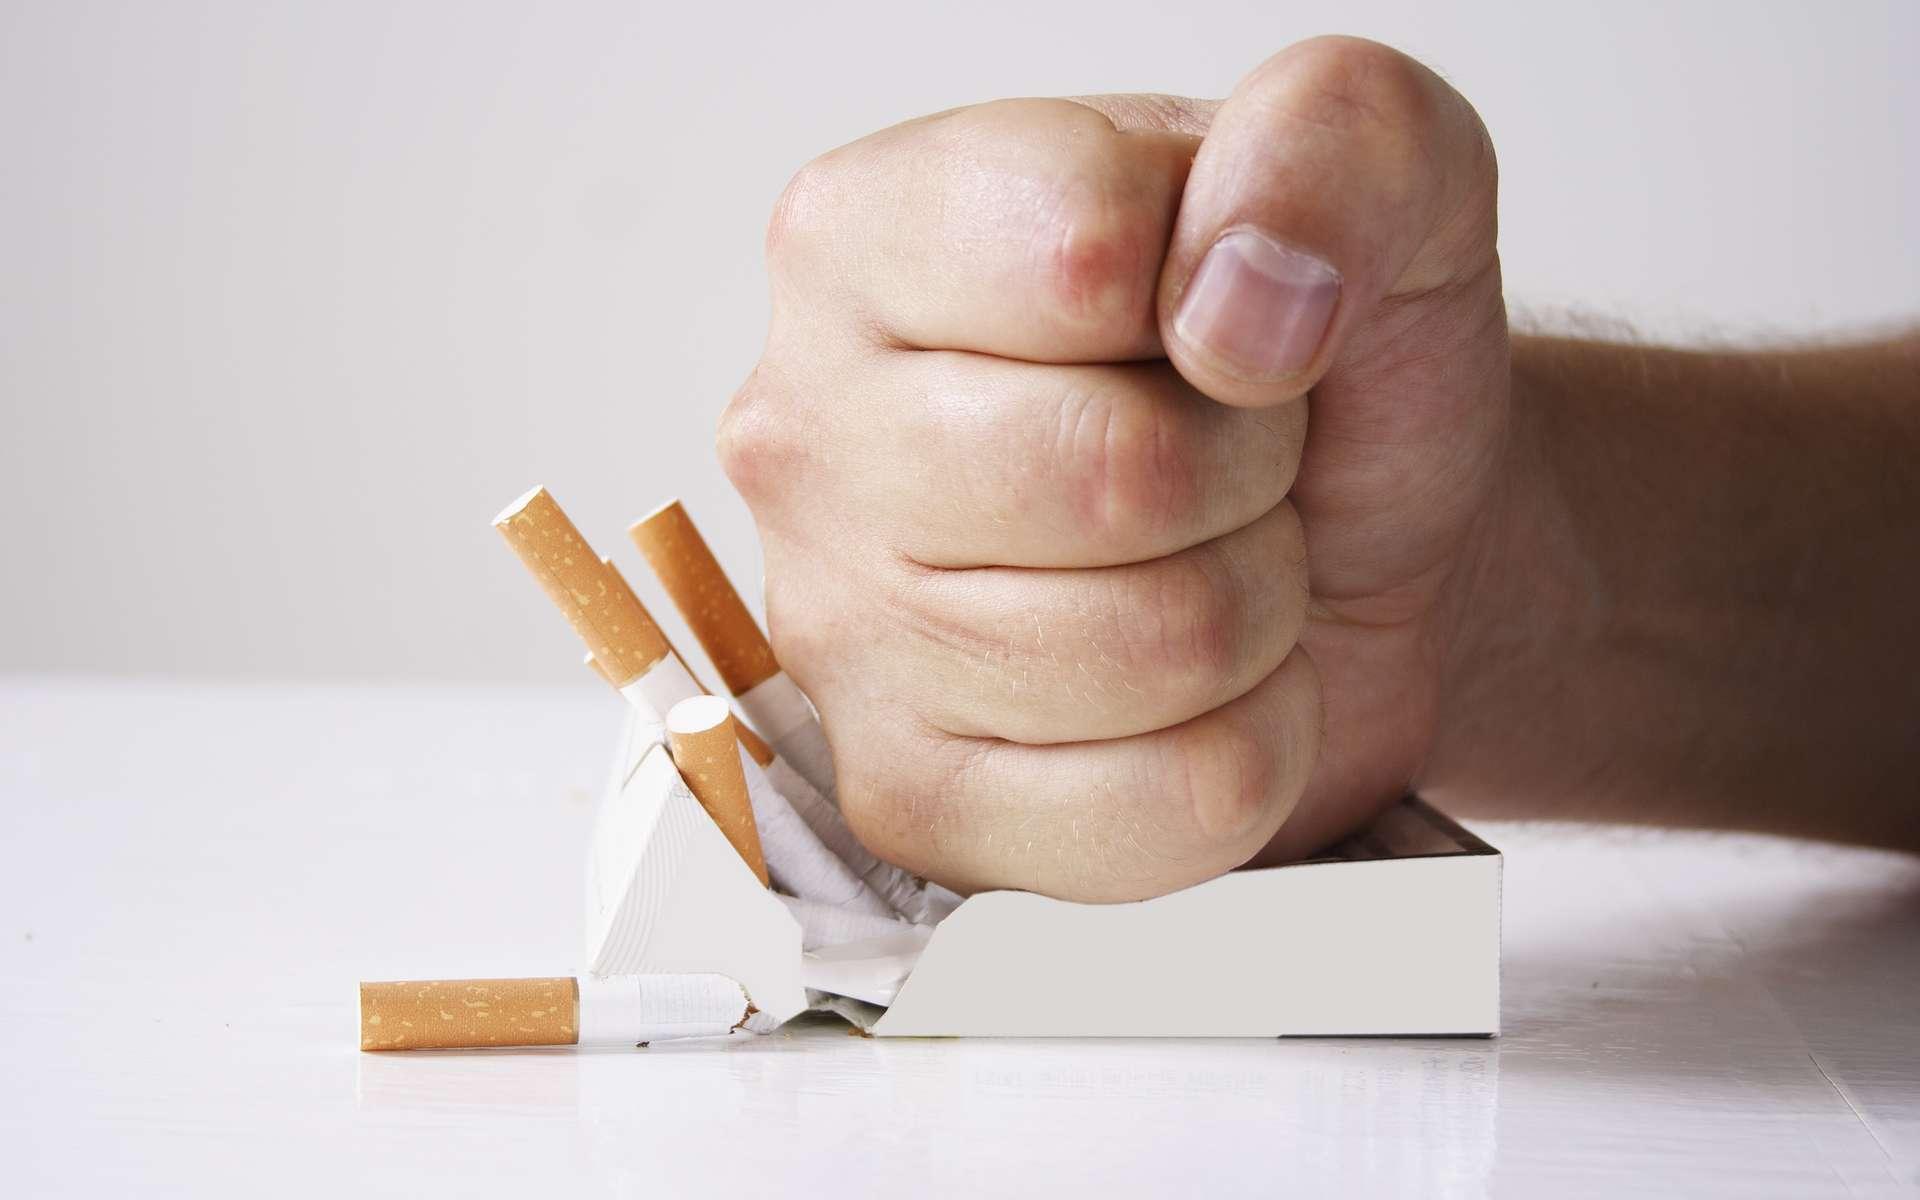 L'objectif du mois sans tabac, c'est d'arrêter définitivement par la suite. © Oleskandra Voinova, Adobe Stock